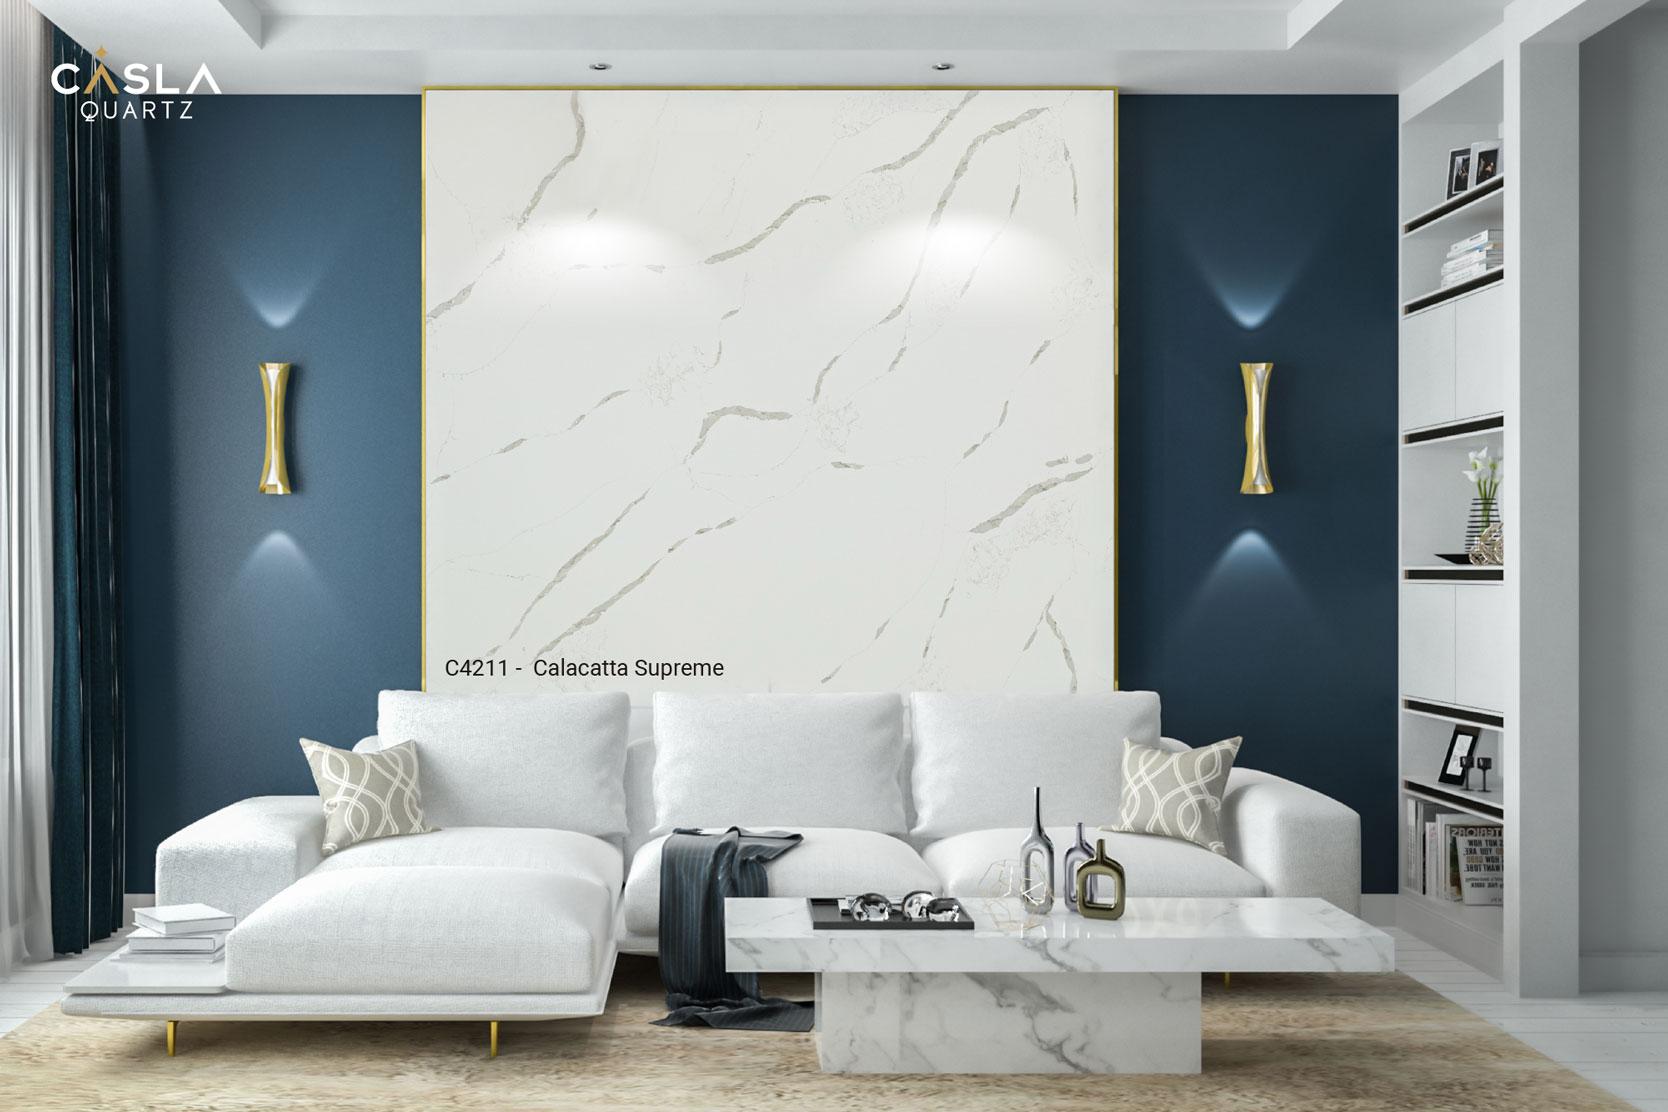 5 mẫu đá nhân tạo Caslaquartz ốp tường phòng khách đẹp nhất